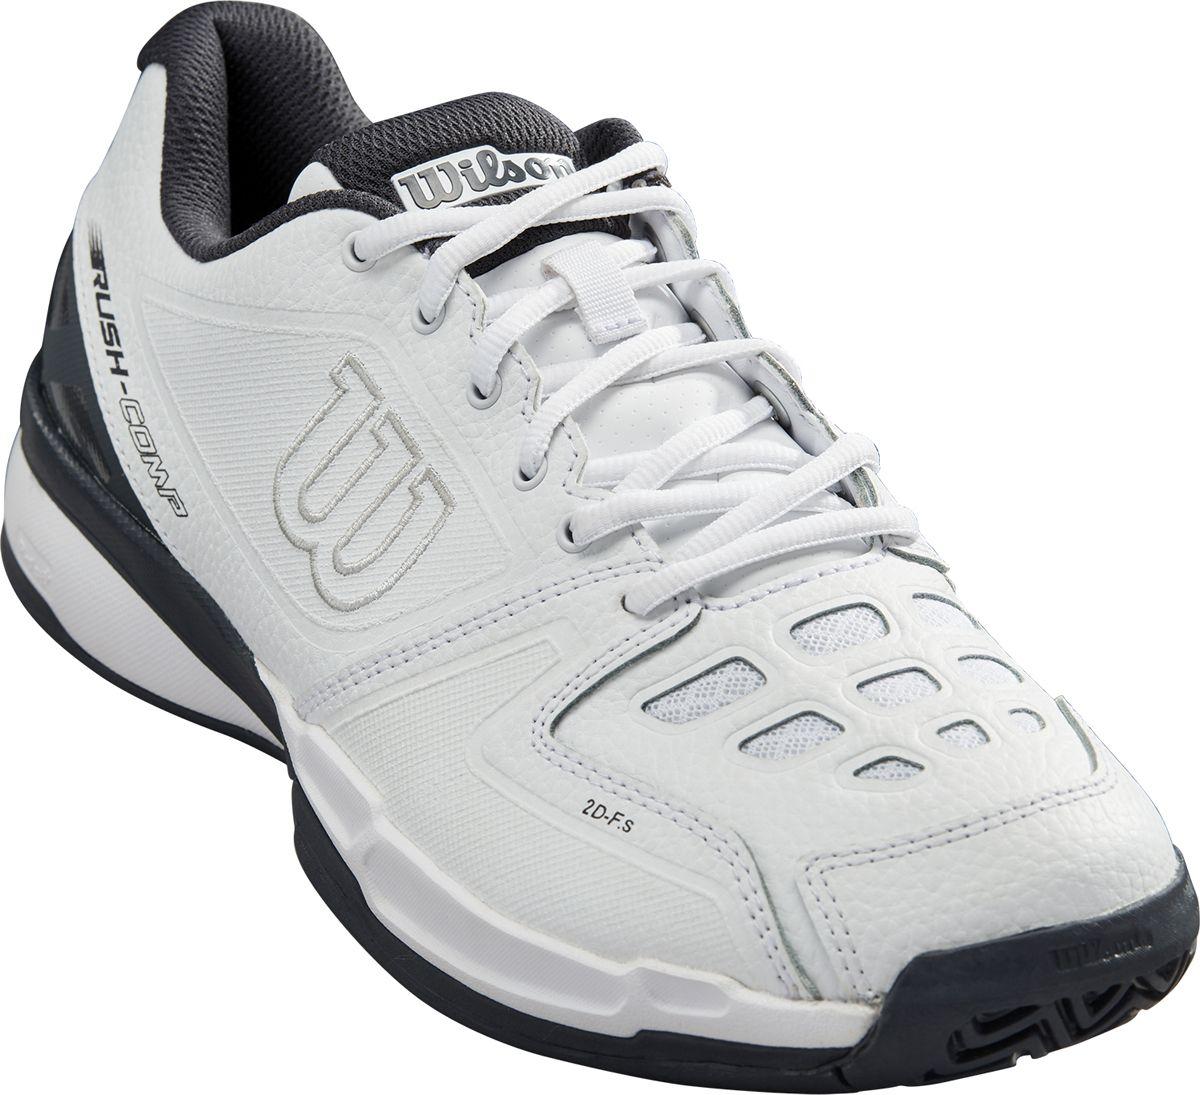 Кроссовки для тенниса мужские Wilson Rush Comp Ebony, цвет: белый. WRS324580. Размер 8,5 (41)WRS324580Удобные и комфортные кроссовки Wilson Rush Comp LTR для теннисных матчей и тренировок. LTR обозначает Leather - соответсвенно в производстве данной модели используется натуральная кожа, что является несомненным приемуществом. А для многих поклонников классической теннисной обуви произведенной из кожи - ответом на многие запросы. Эта унисекс модель является универсальной и подходит для игры на кортах с любым покрытием.